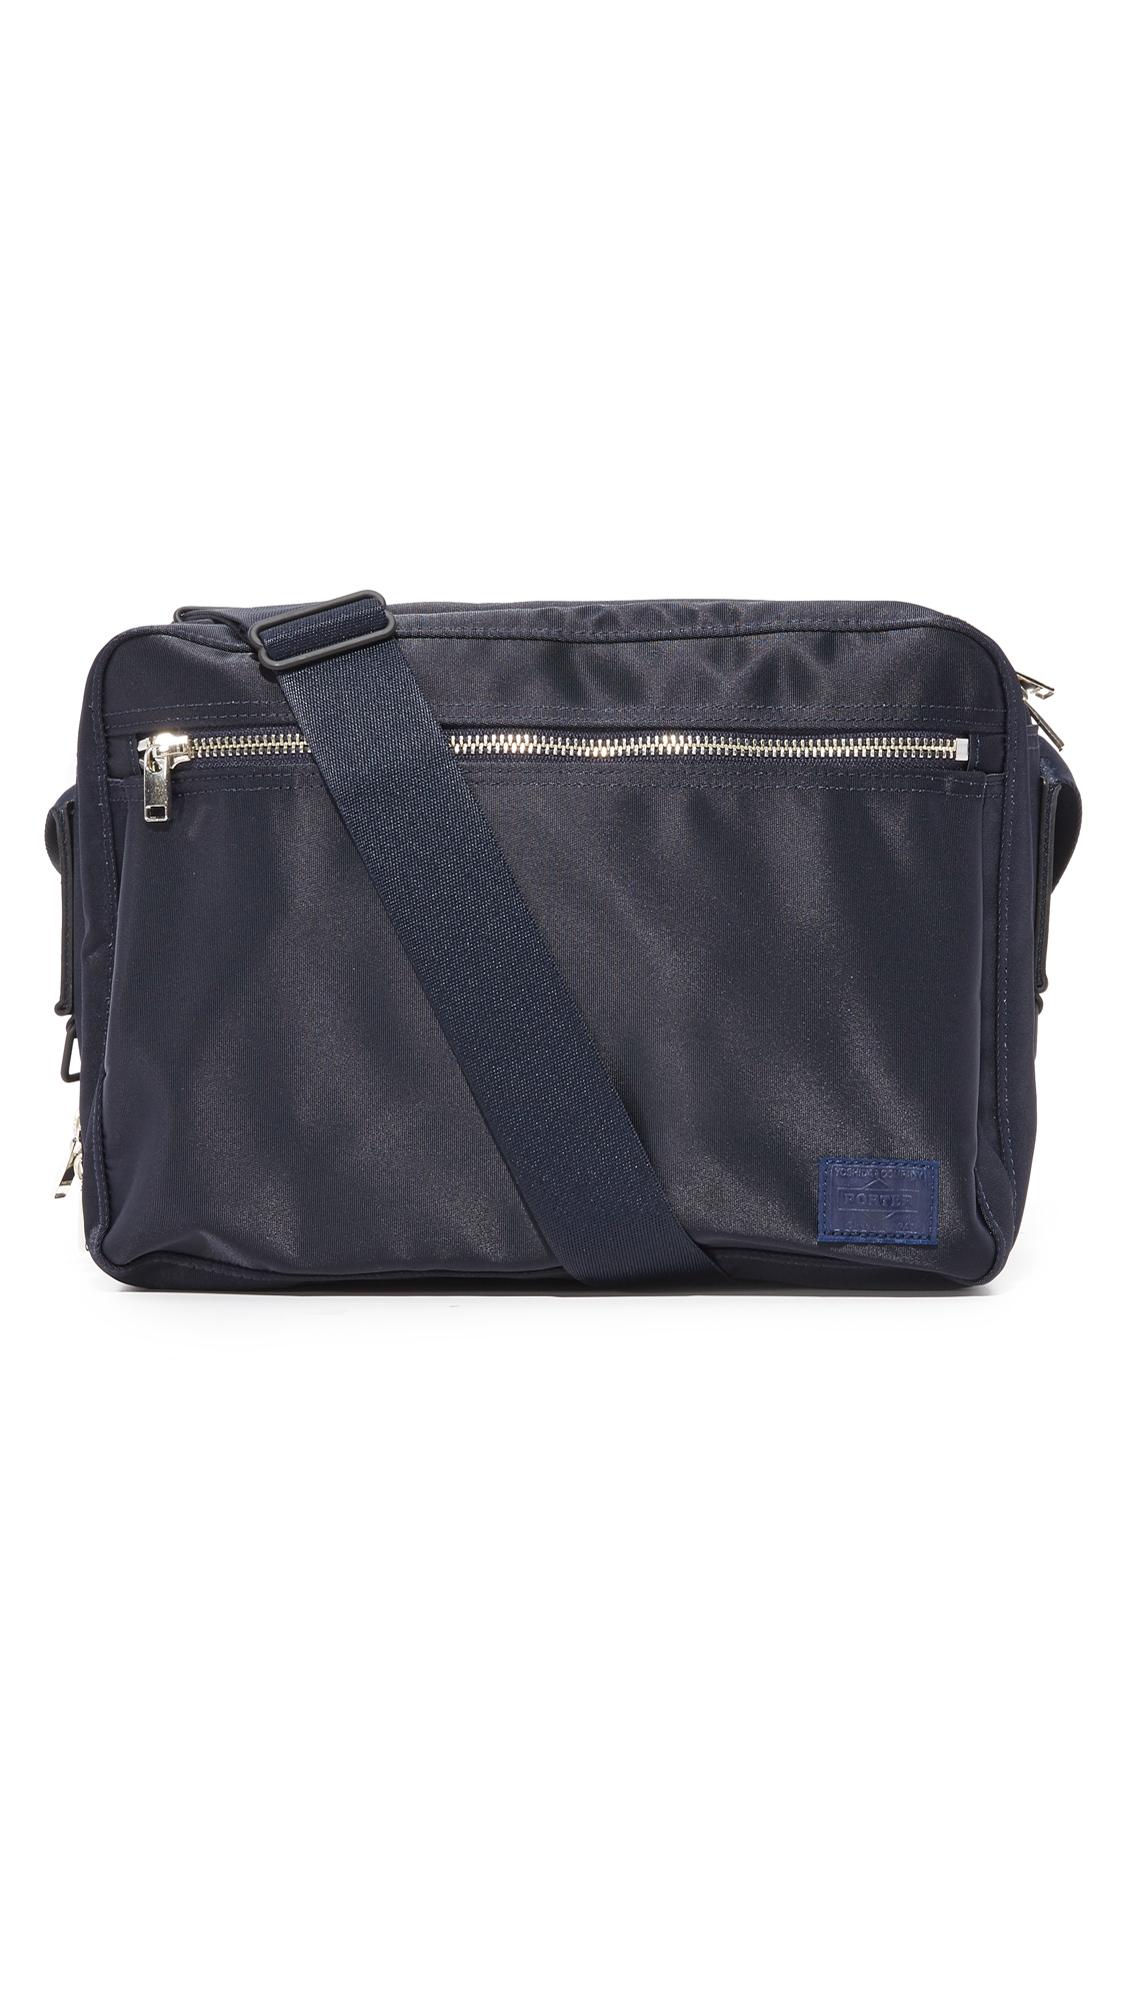 PORTER Lift Shoulder Bag in Navy